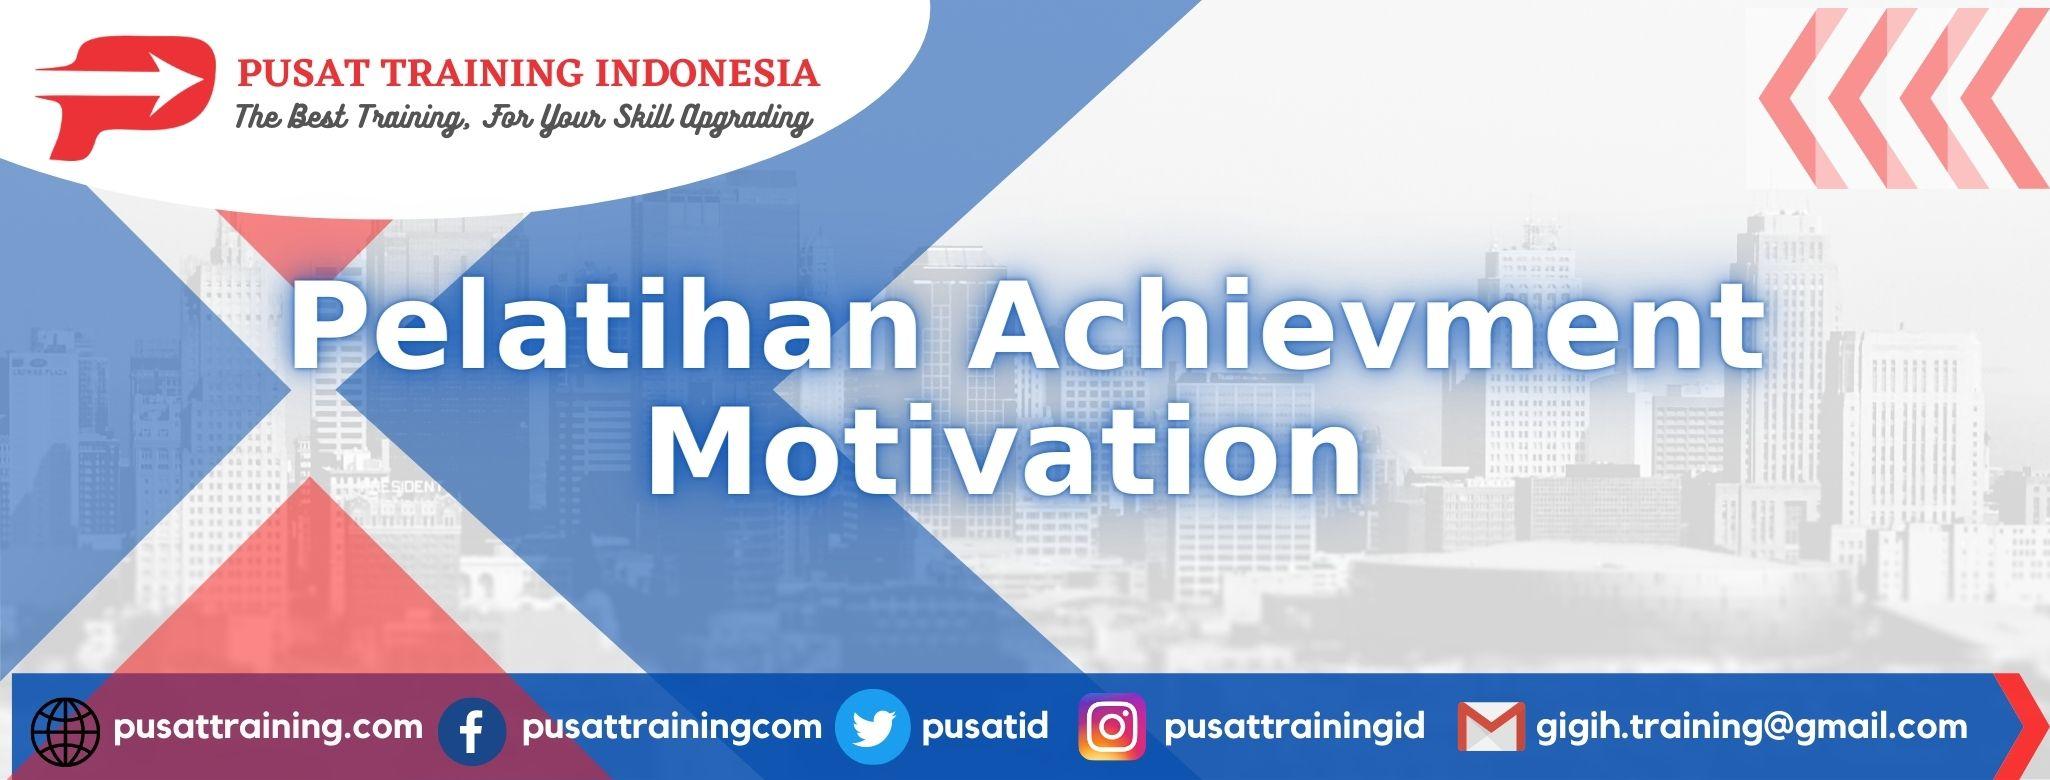 Pelatihan-Achievment-Motivation